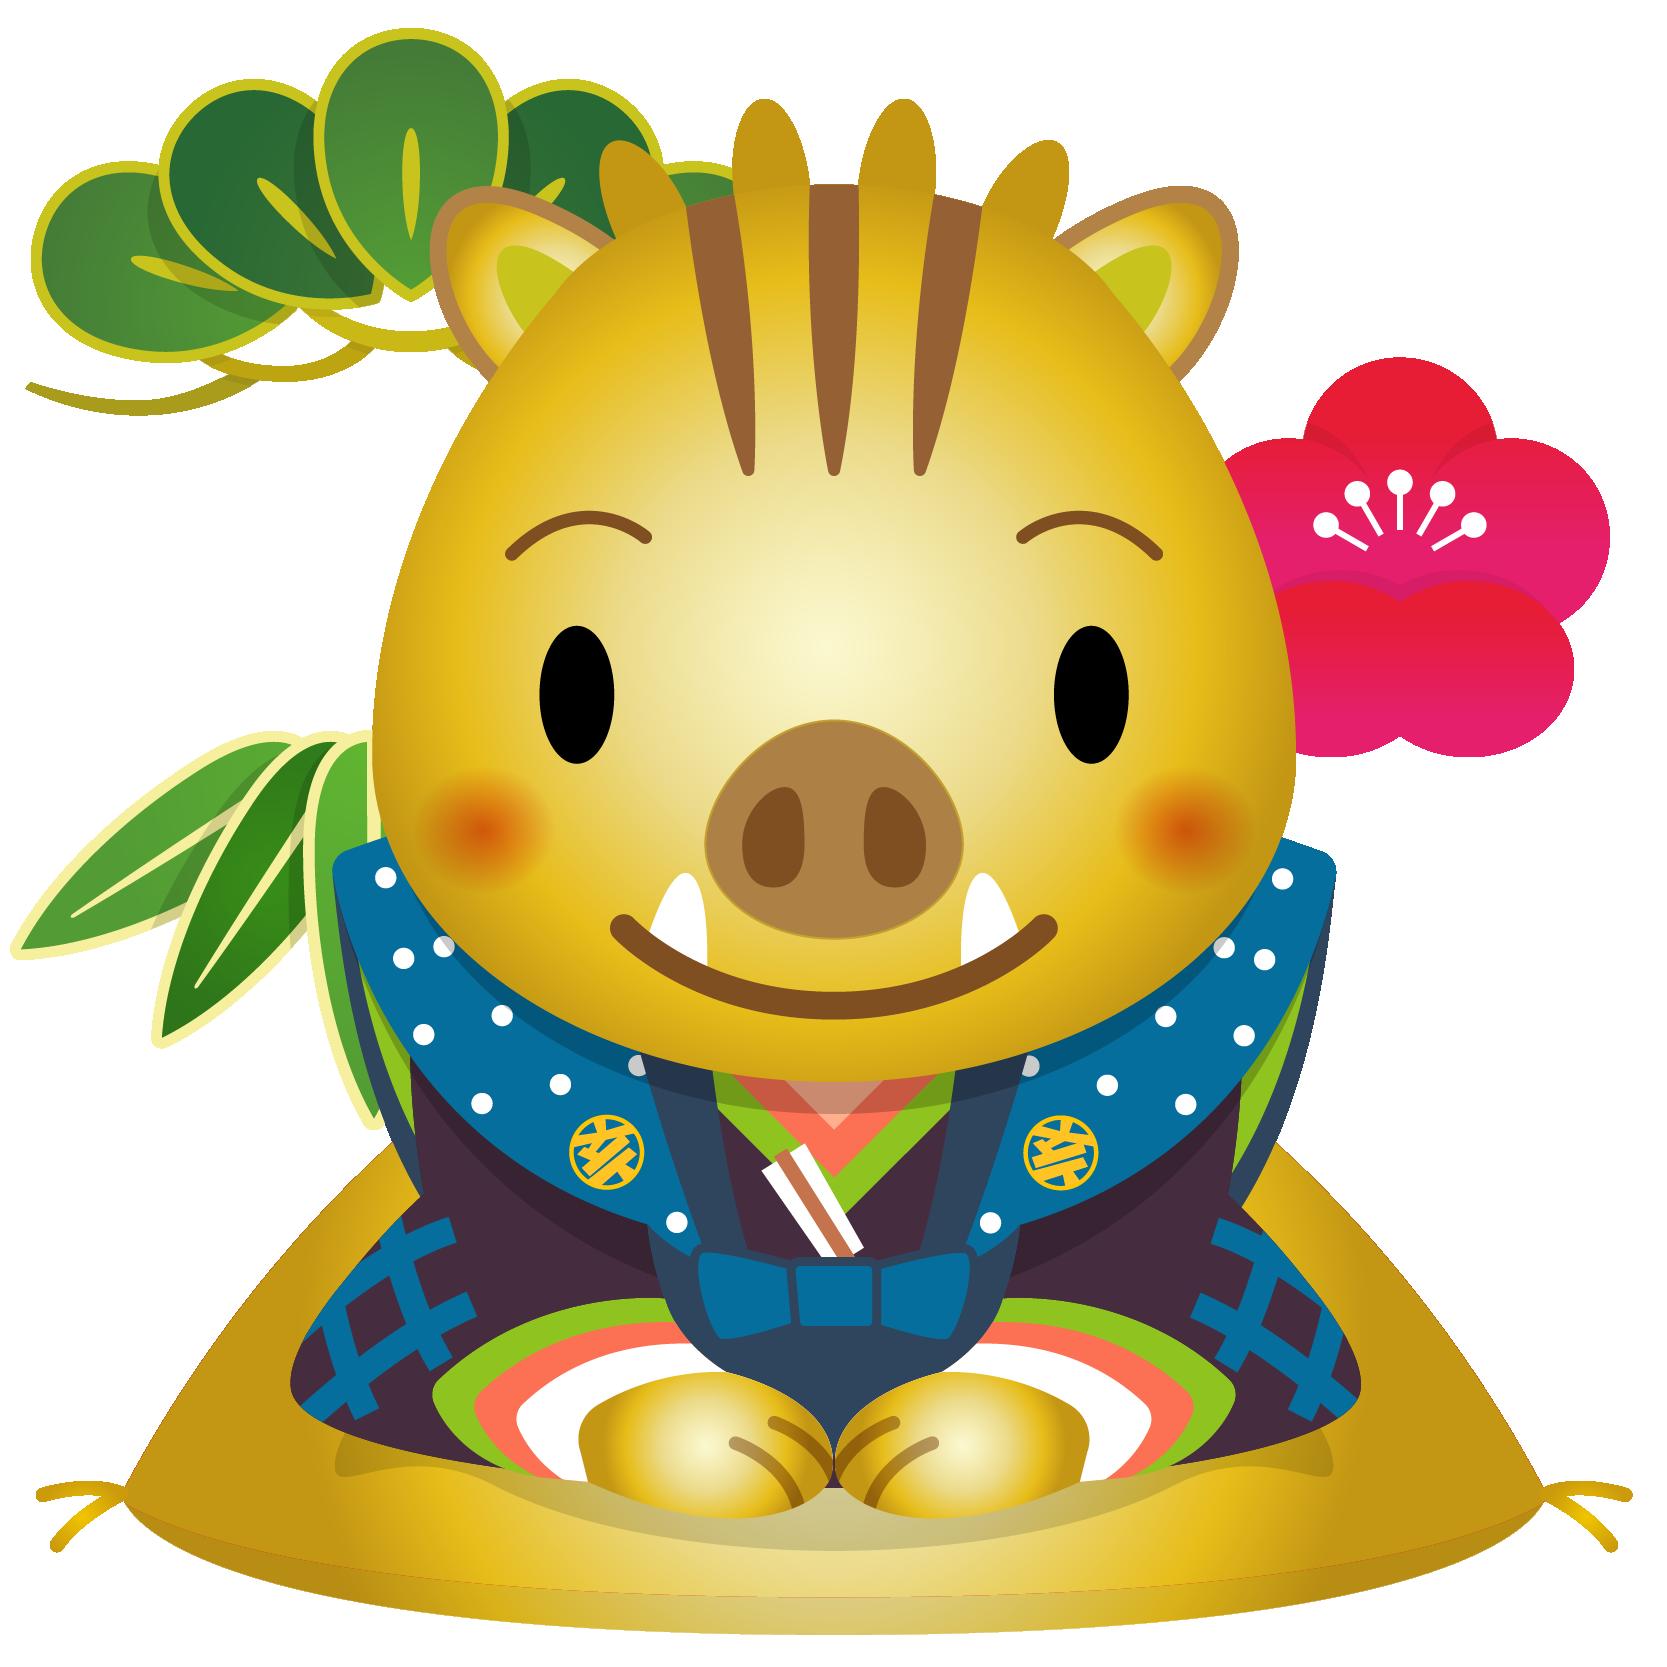 商用フリー・無料イラスト_金干支_干支いのしし(イノシシ・猪・うりぼう・ウリ坊)福助_松竹梅